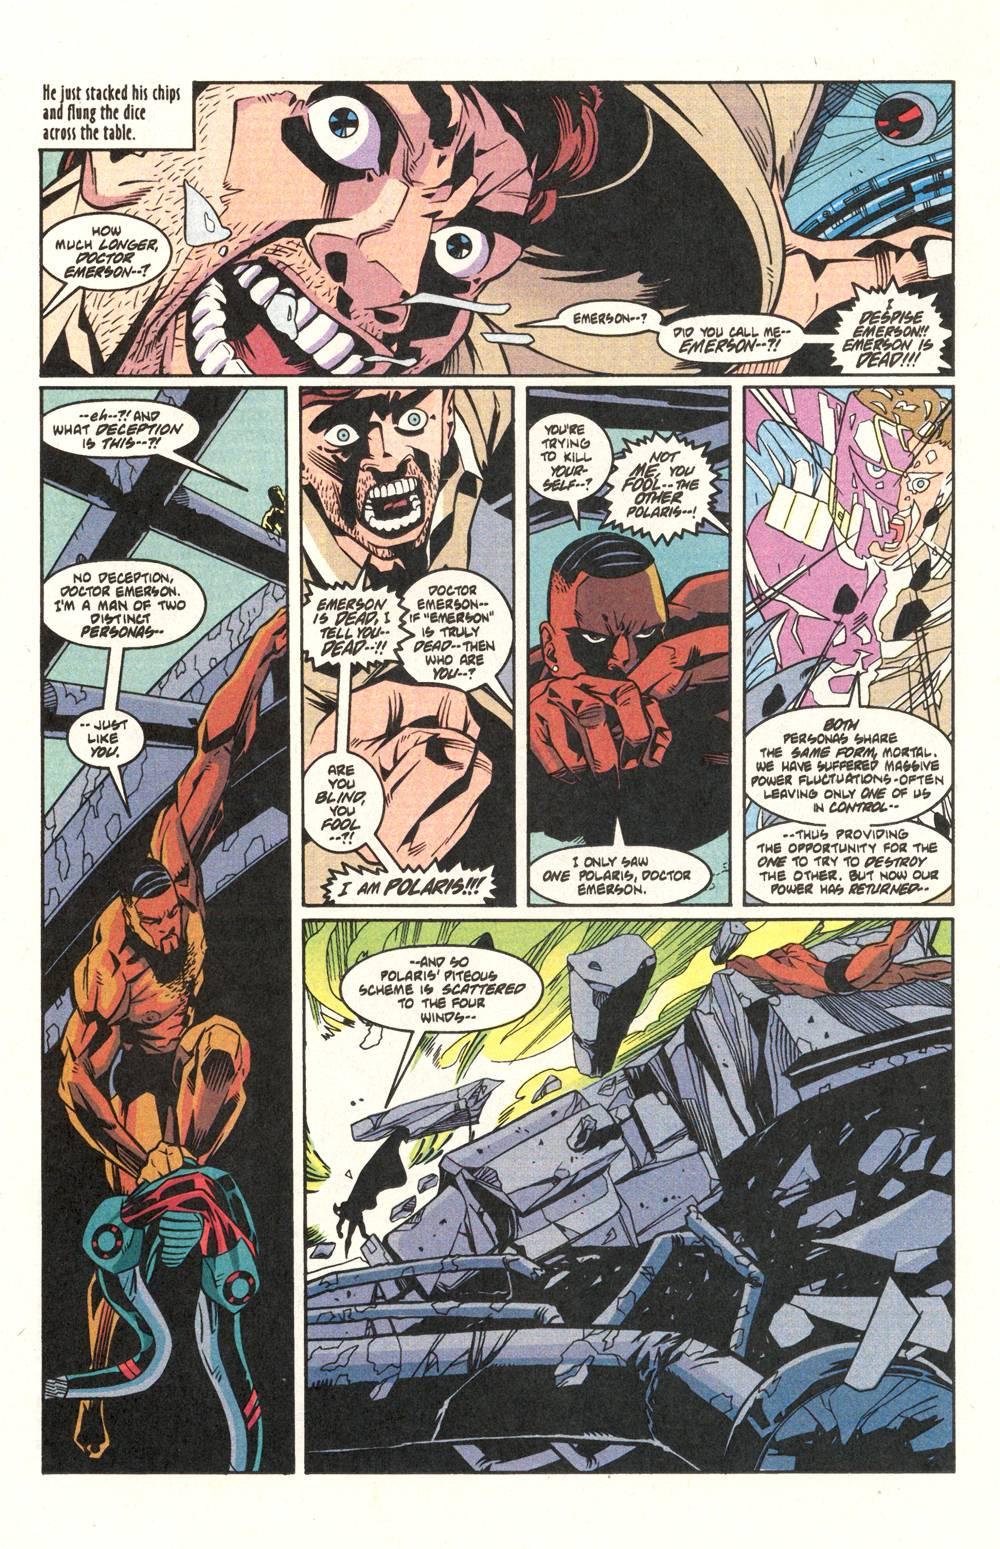 Read online Xero comic -  Issue #6 - 22